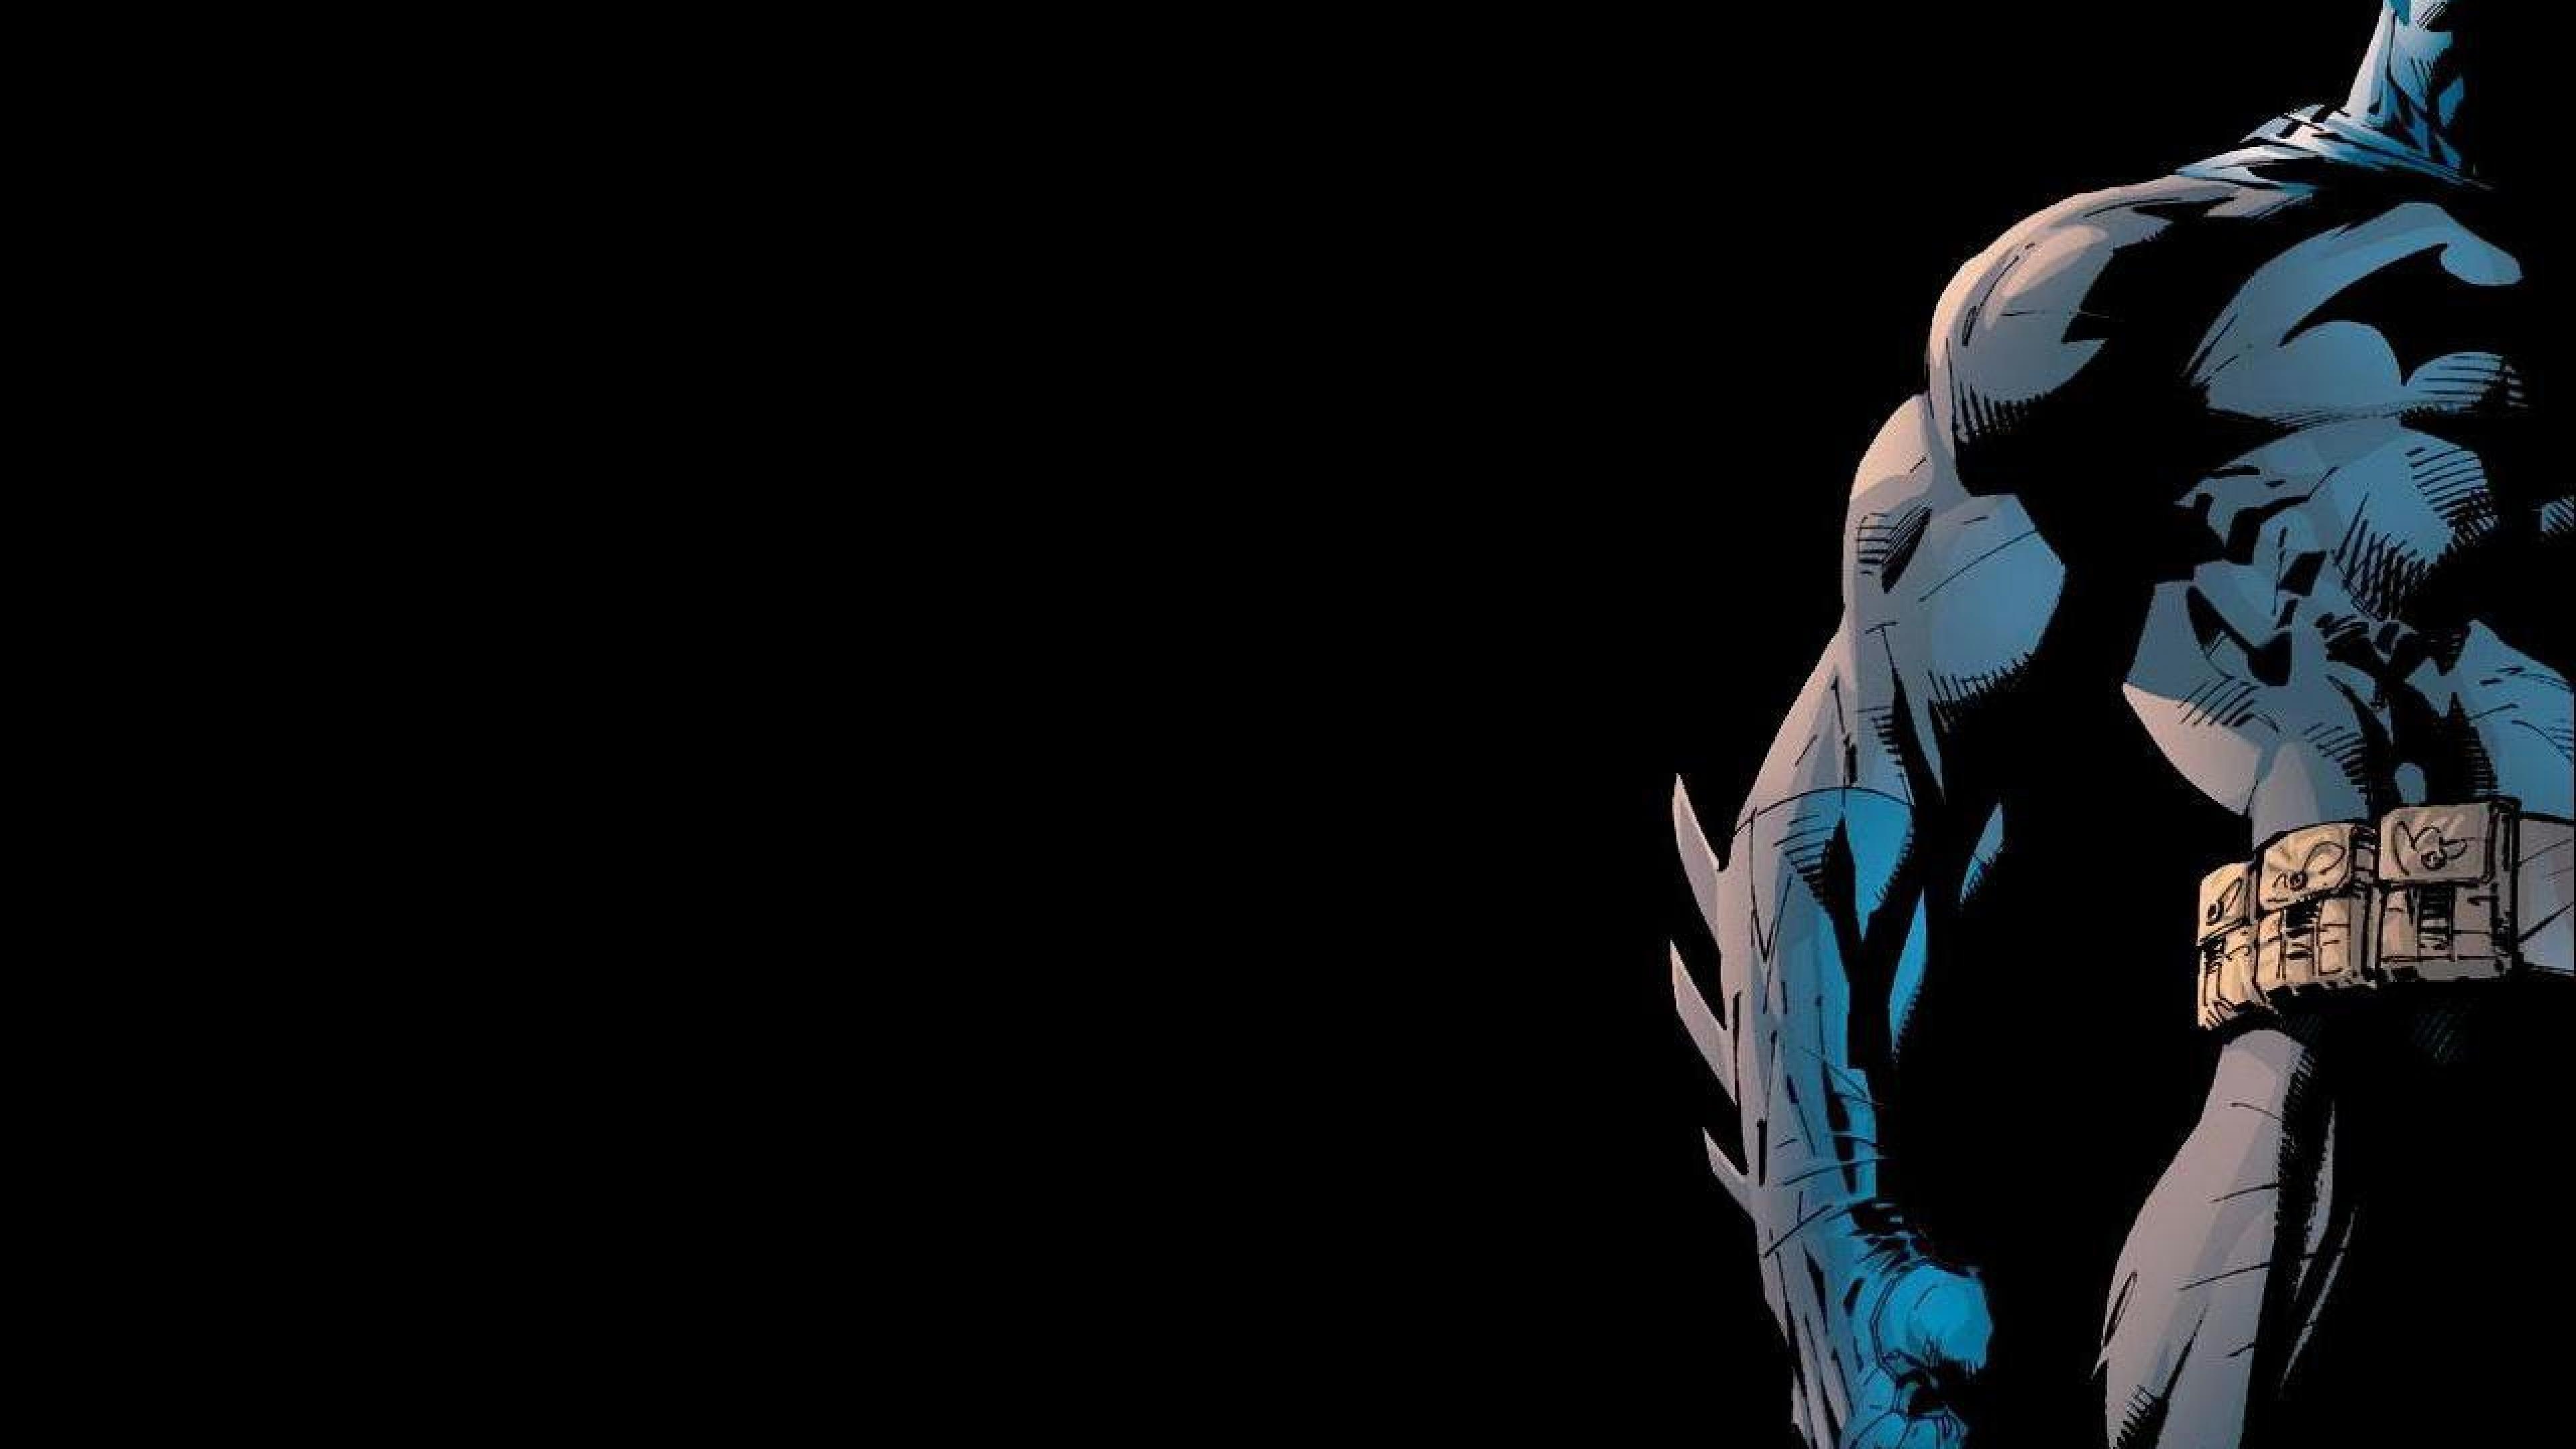 0 batman begins wallpaper batman comics hd wallpapers desktop backgrounds  mobile